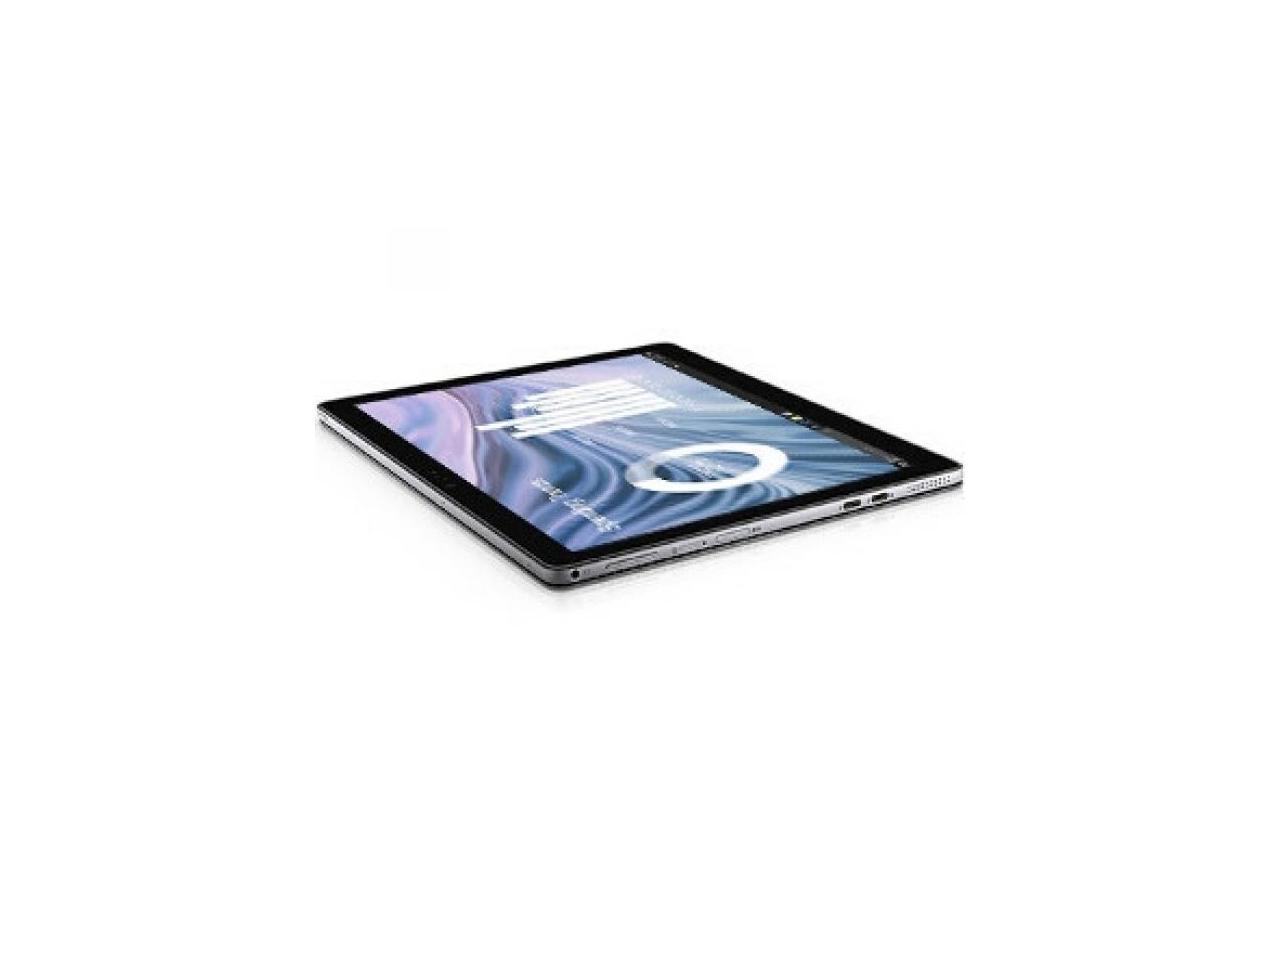 """thumbnail 5 - Dell Latitude 7000 7210 Tablet 12.3"""" Full HD i7-10610U 16GB 512GB W10P Titan Gry"""